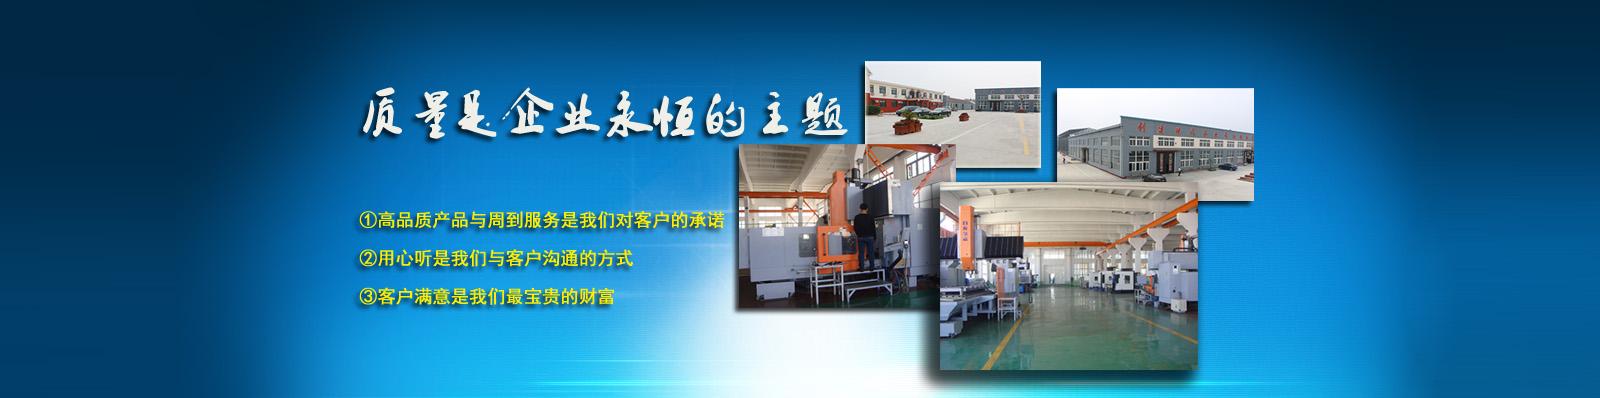 纸箱机械设备品质是企业的主题